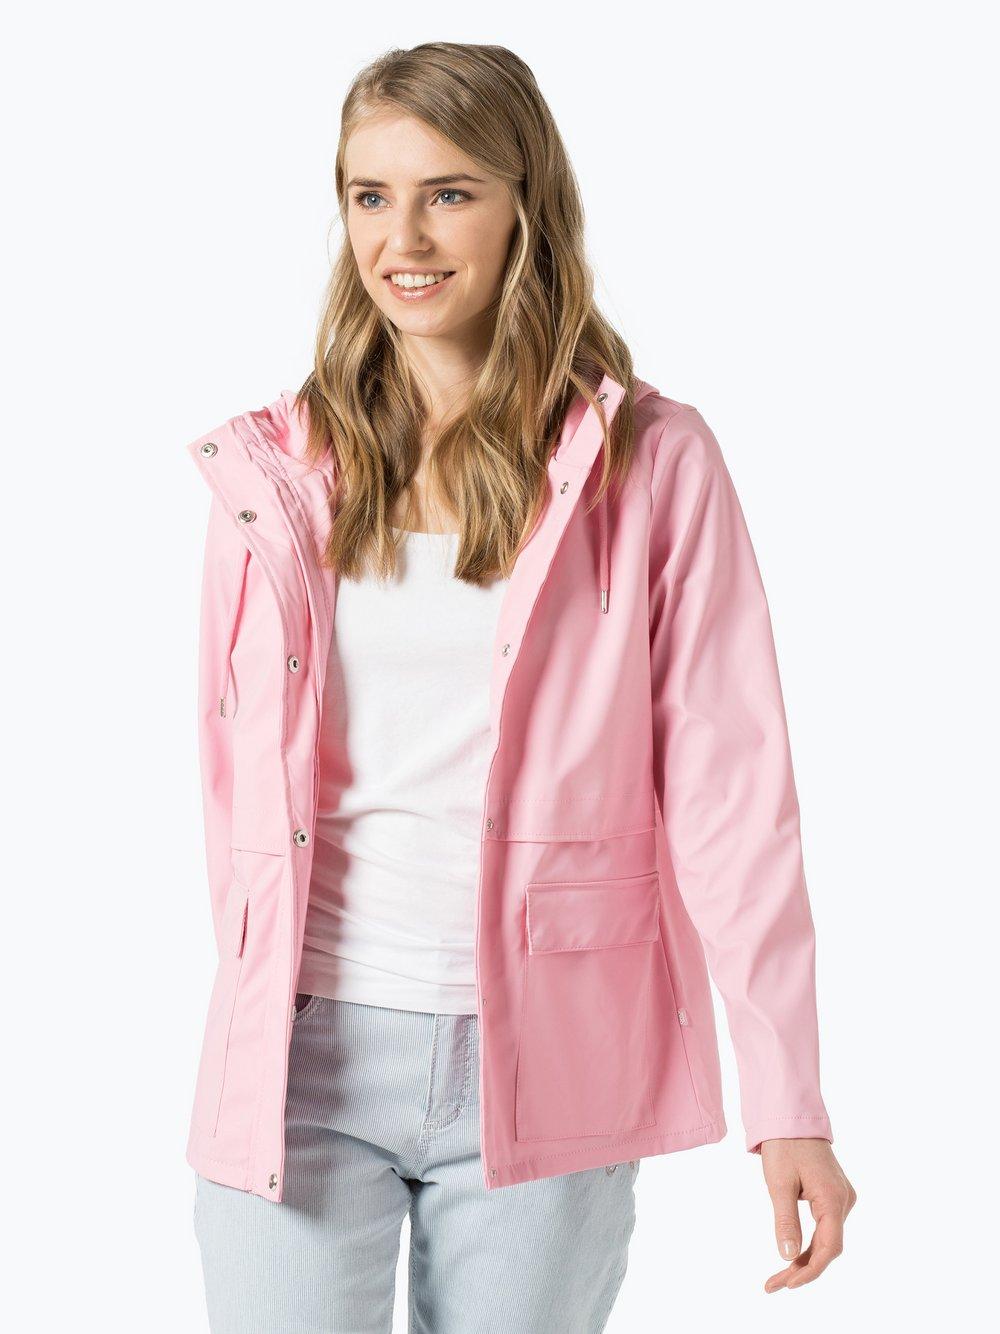 ONLY - Kurtka damska – Train, różowy